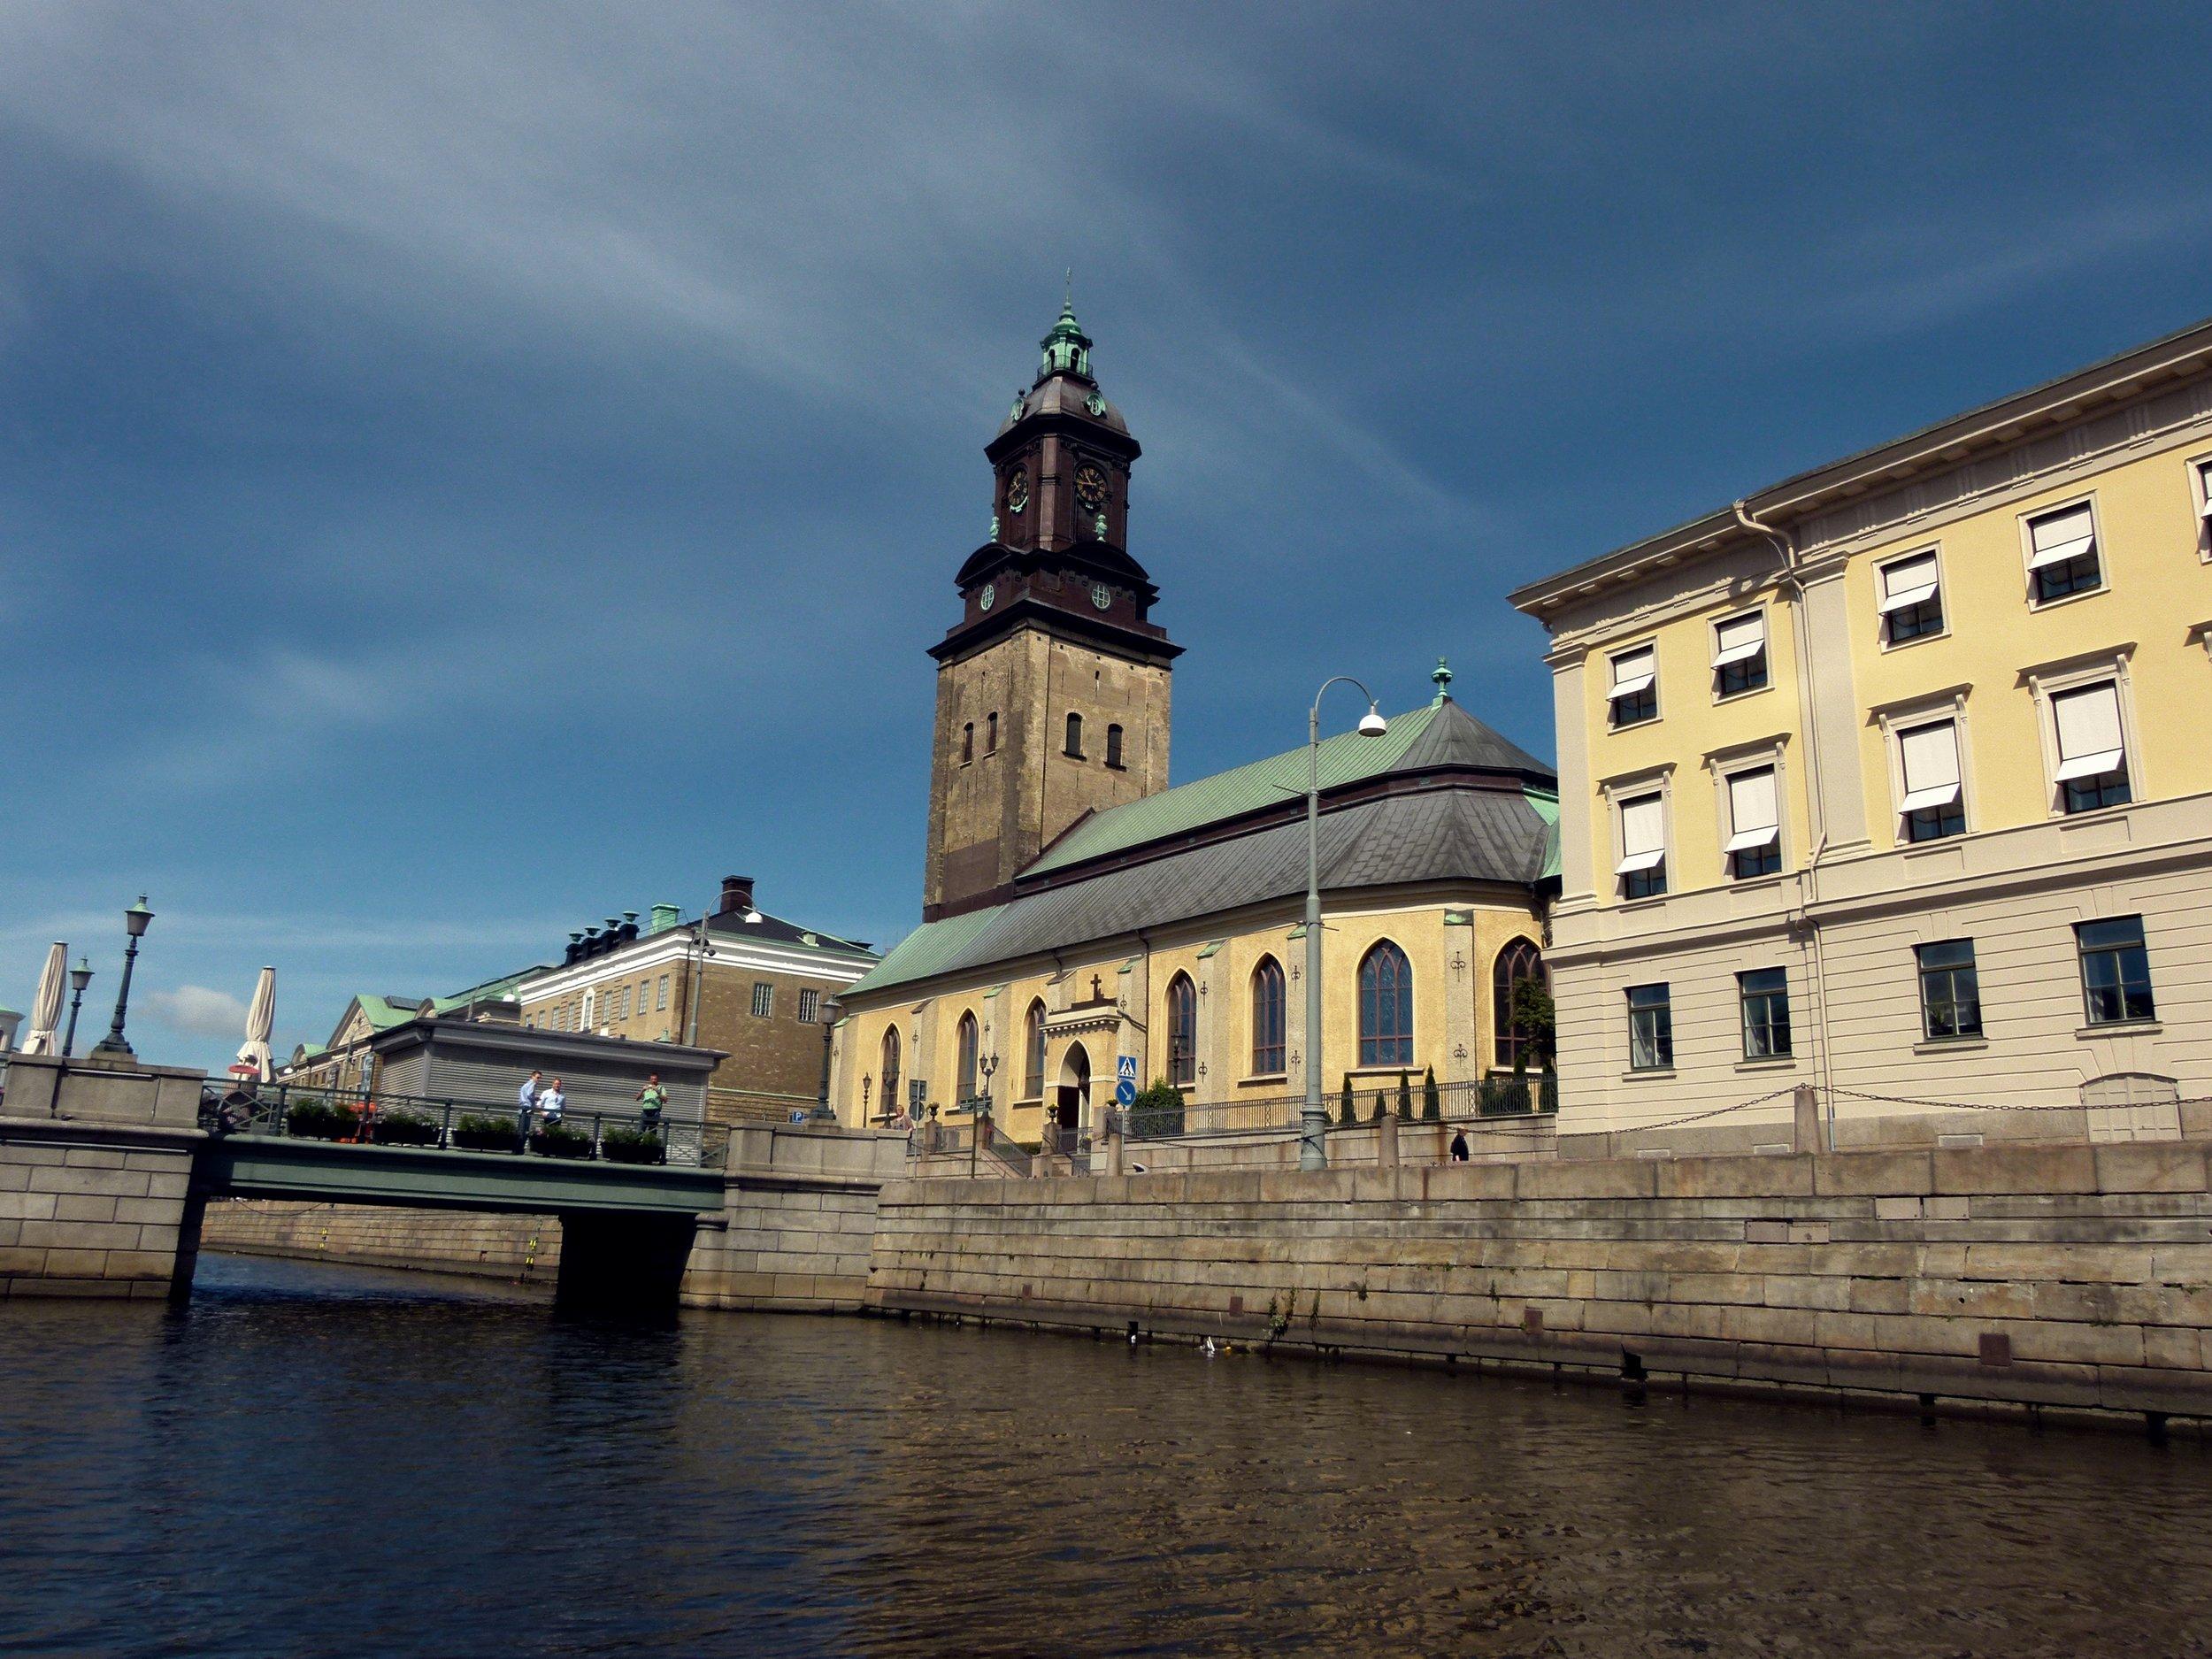 gothenburg sweden by train